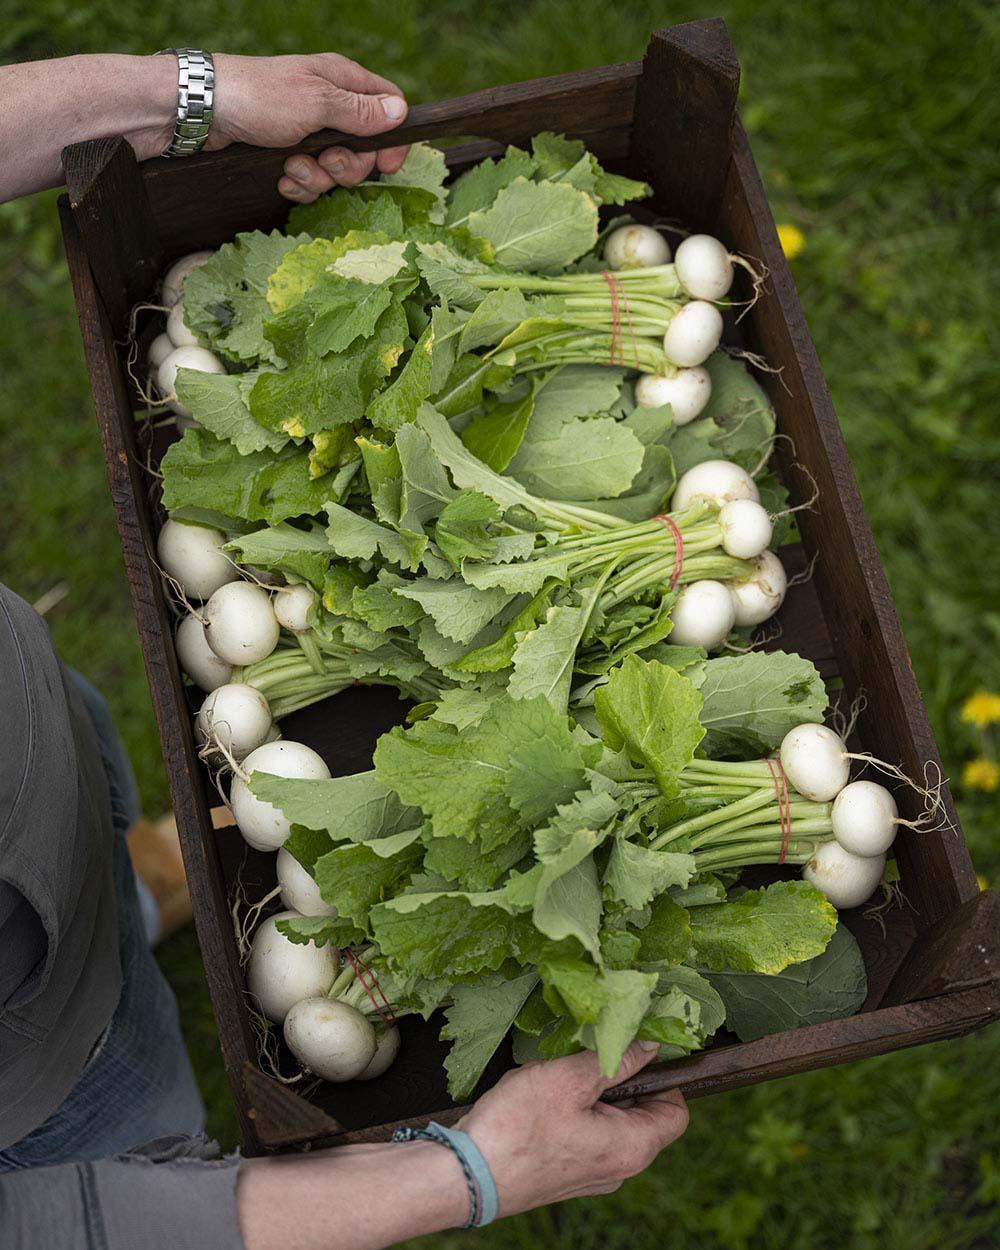 Frisches, saisonales Gemüse vom Hof: Im Mai haben wir Marübchen geholt und belegen damit unseren Flammkuchen.